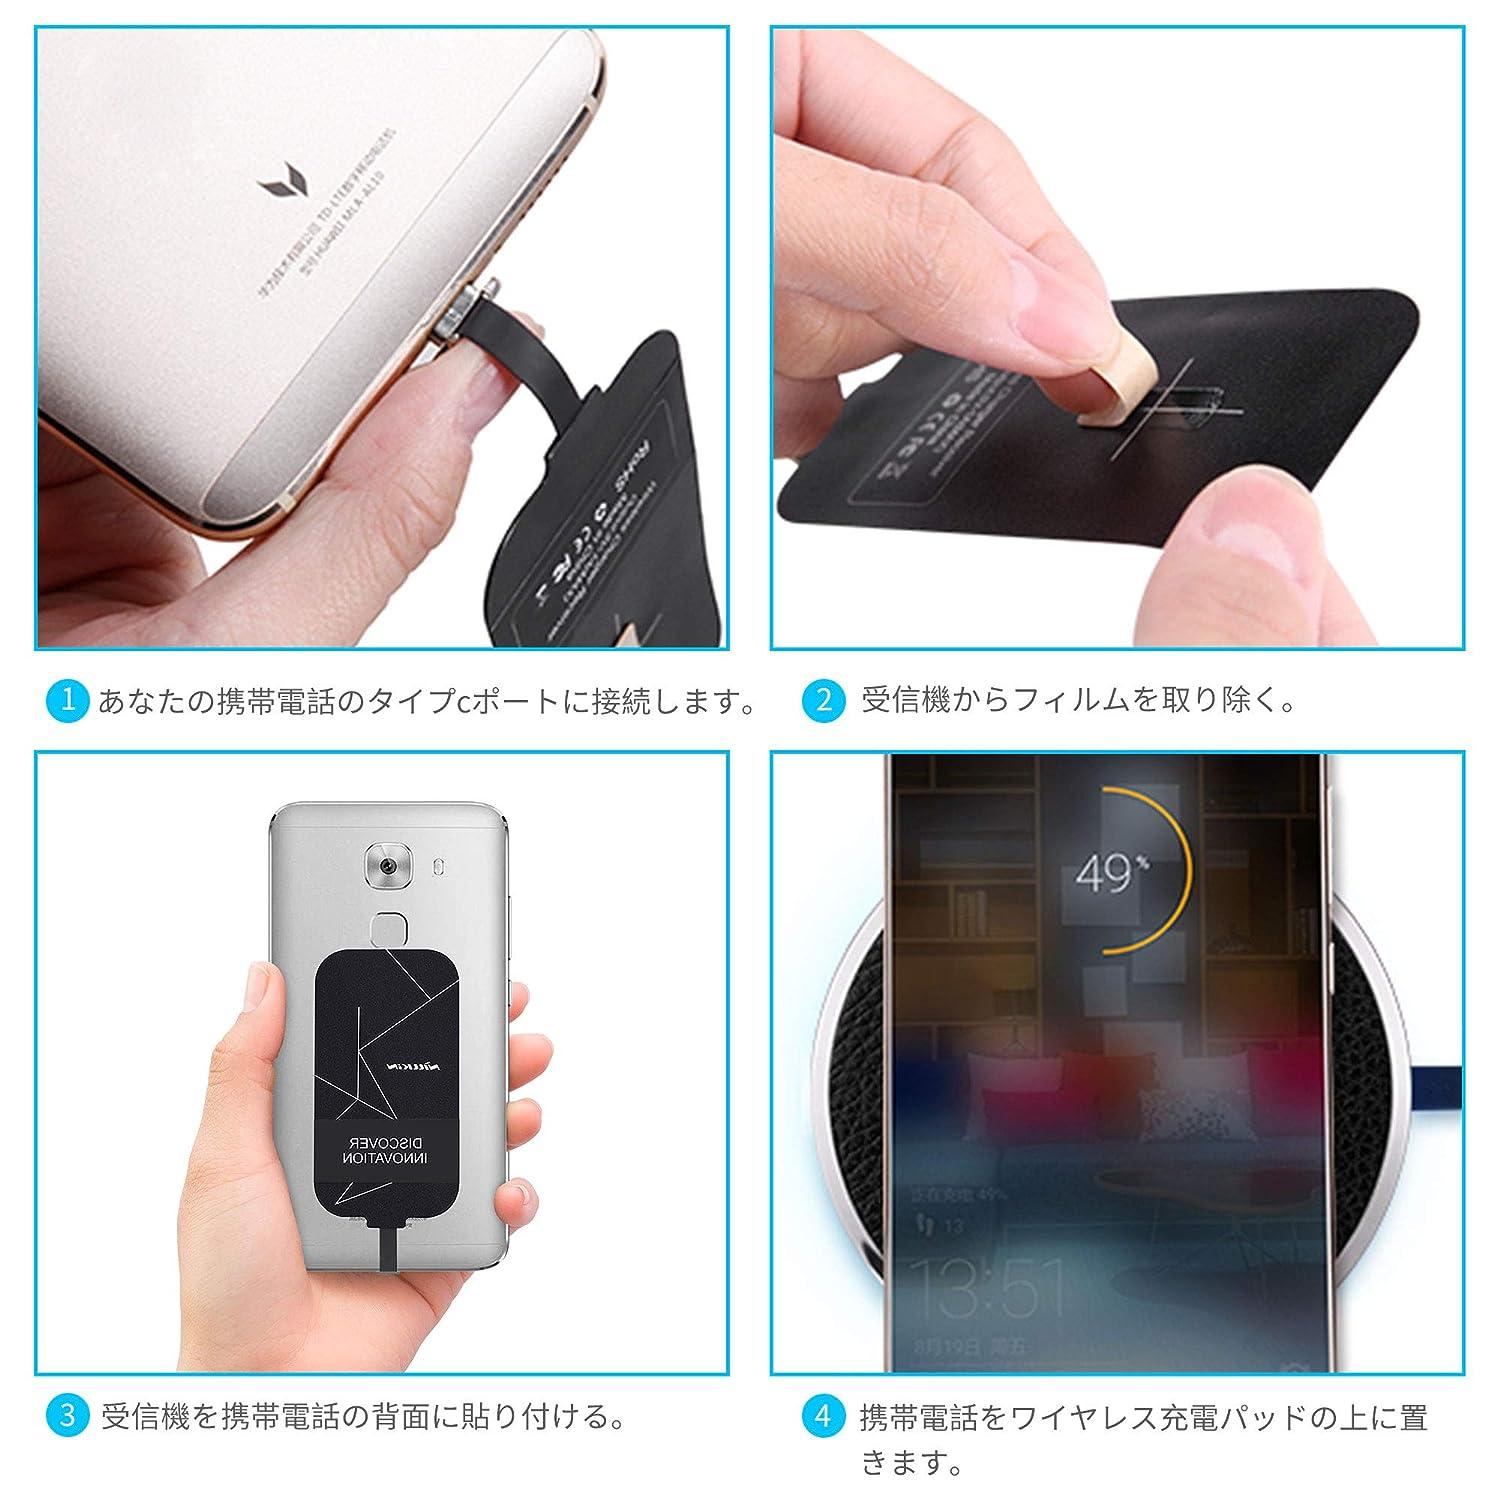 6f1c39c0d5 Amazon | Nillkin スマホ対応ワイヤレス充電レシーバーシート アダプタ 置くだけで充電 Qi(チー) 規格 Lightning  USB/micro USB/Type-c端子対応 Android/iphone対応 ...